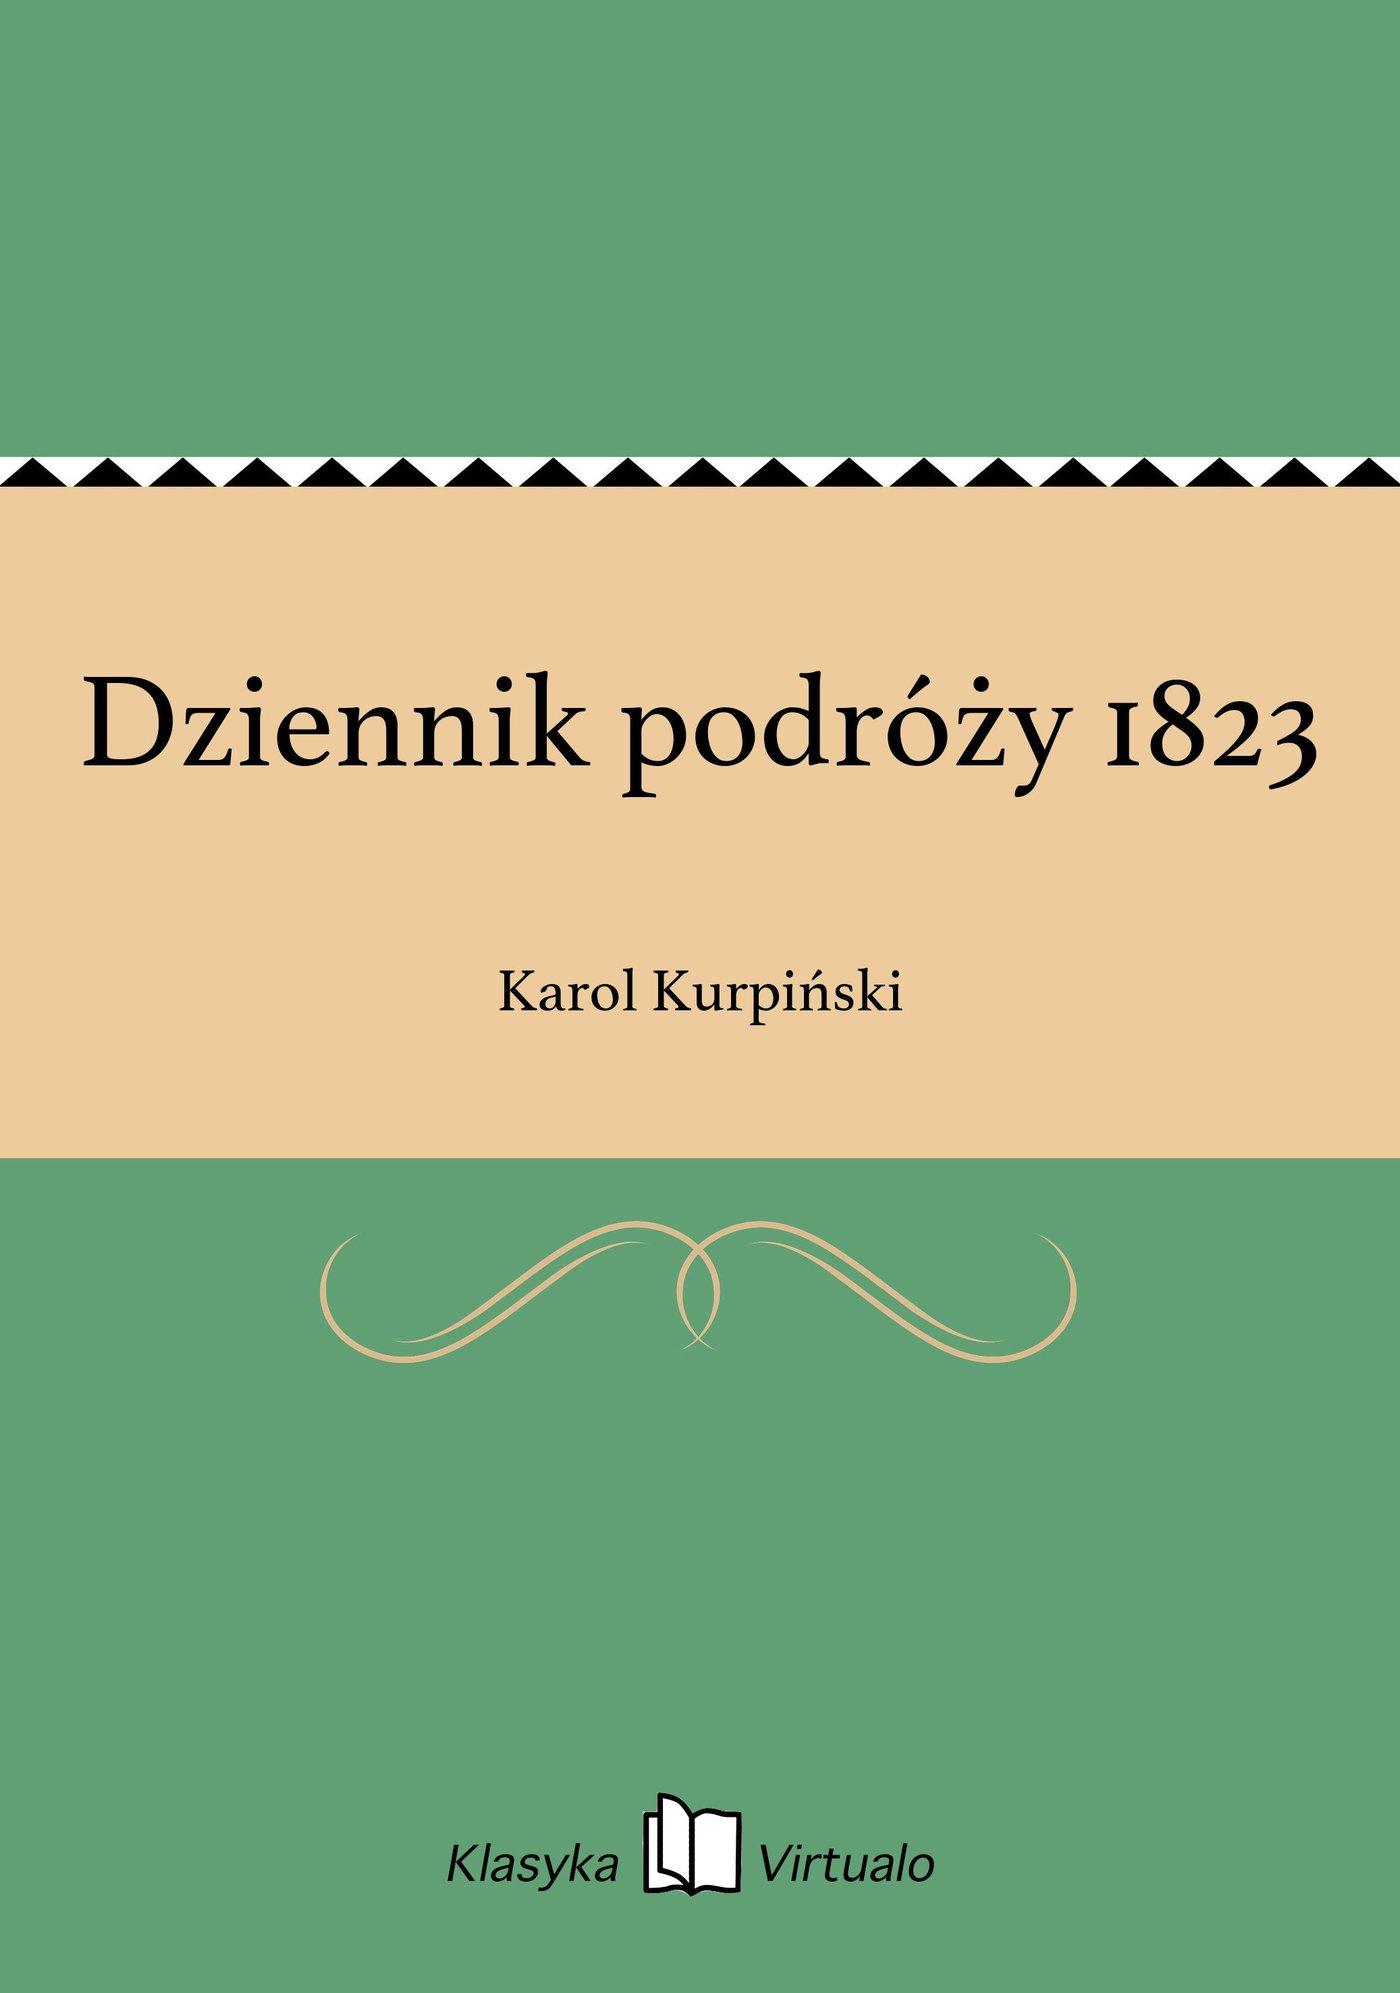 Dziennik podróży 1823 - Ebook (Książka EPUB) do pobrania w formacie EPUB